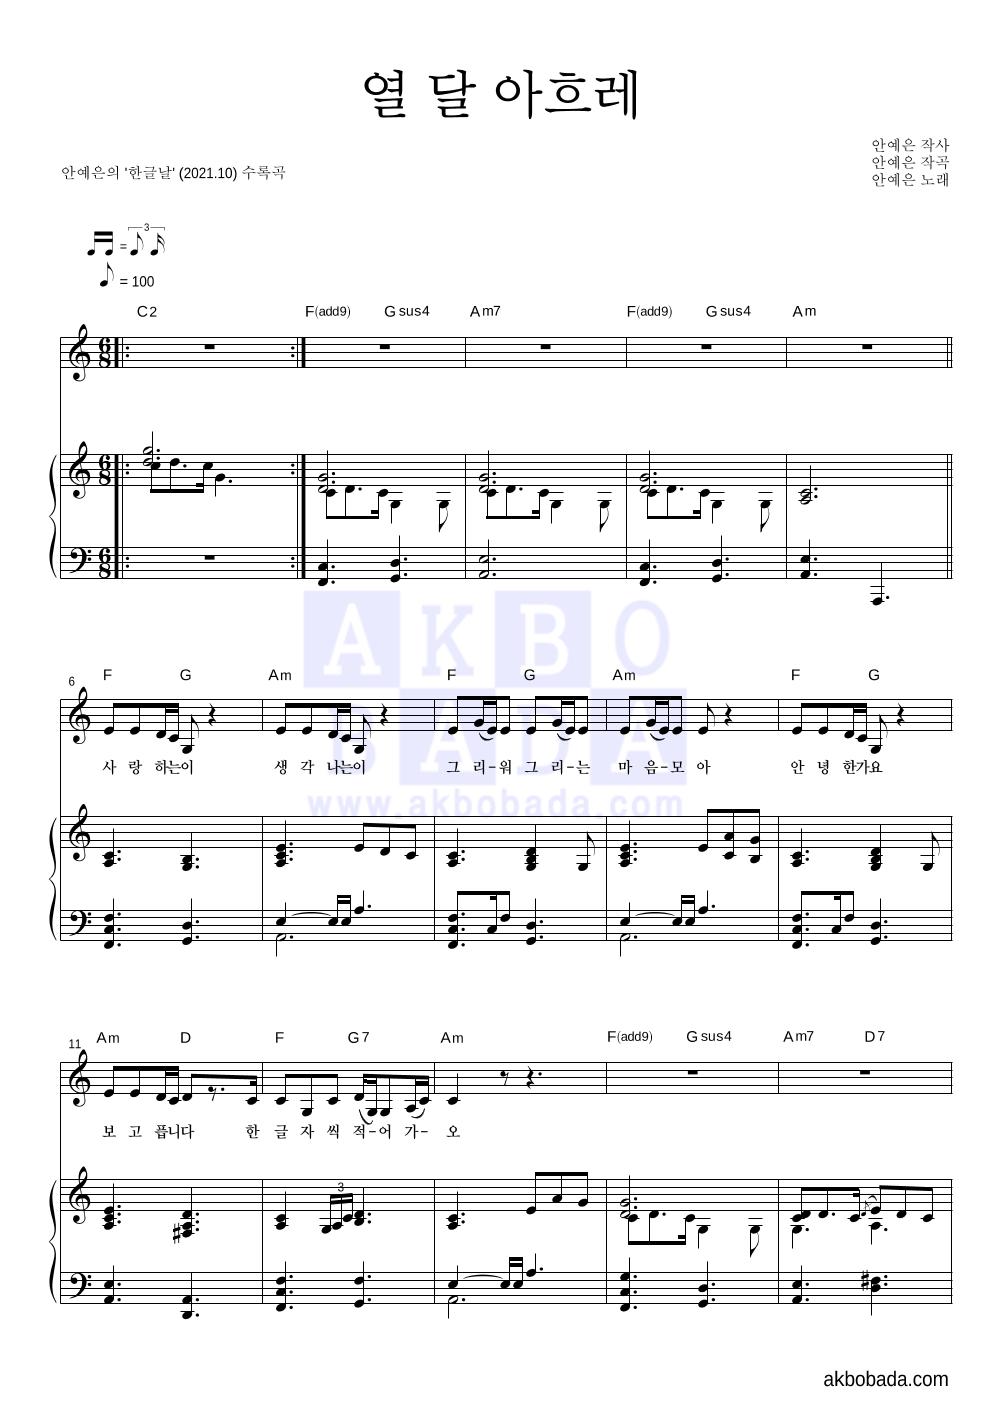 안예은 - 열 달 아흐레 피아노 3단 악보